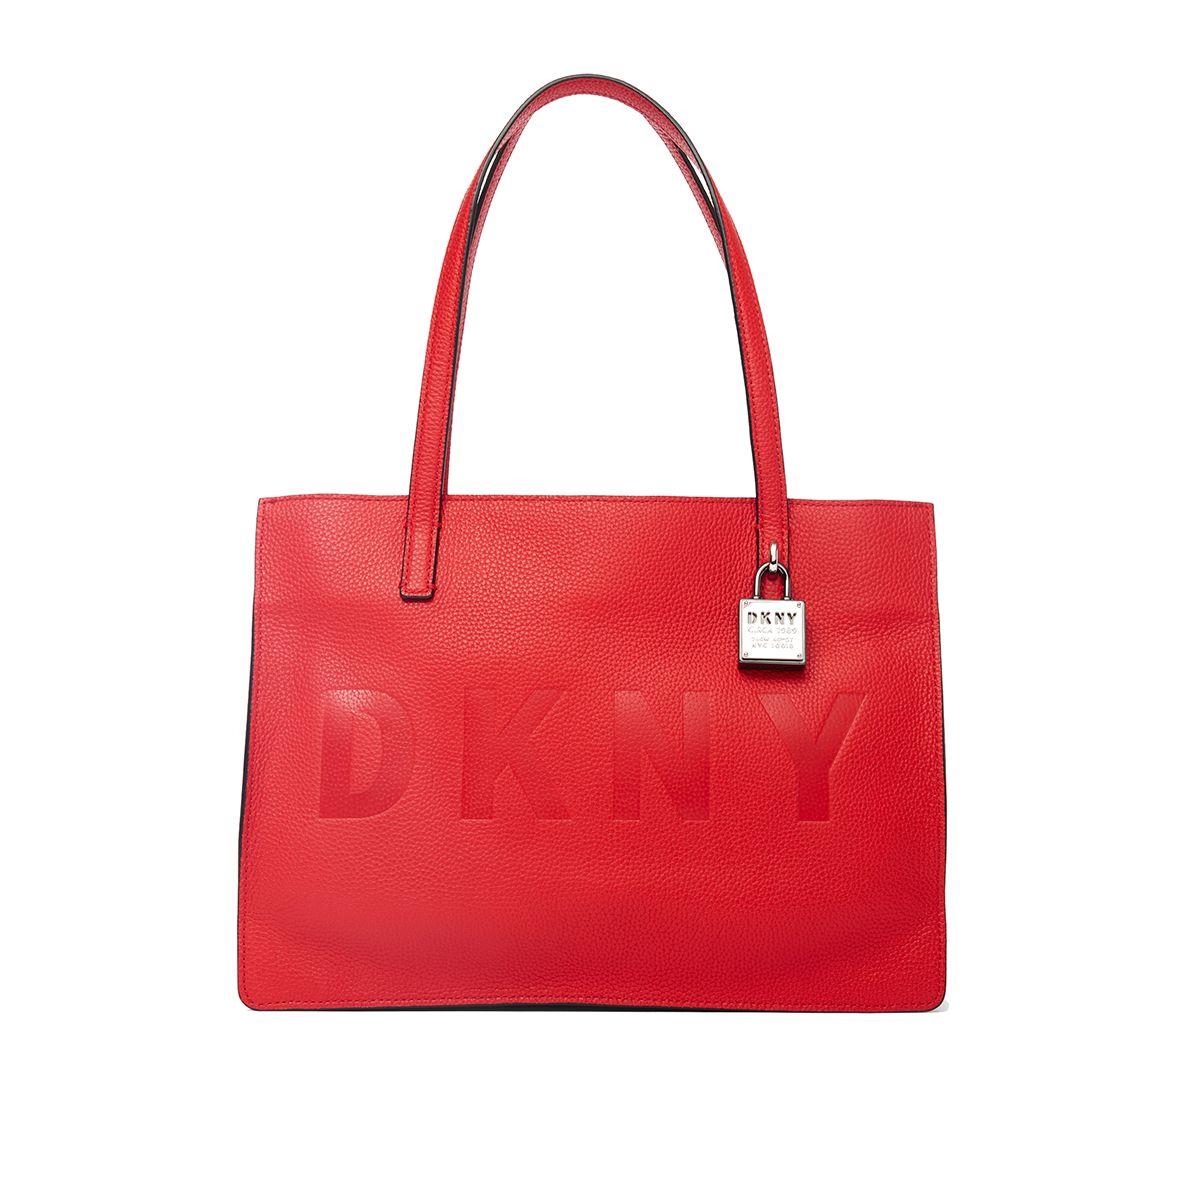 9051b19f988 DKNY Handbags - Macy's